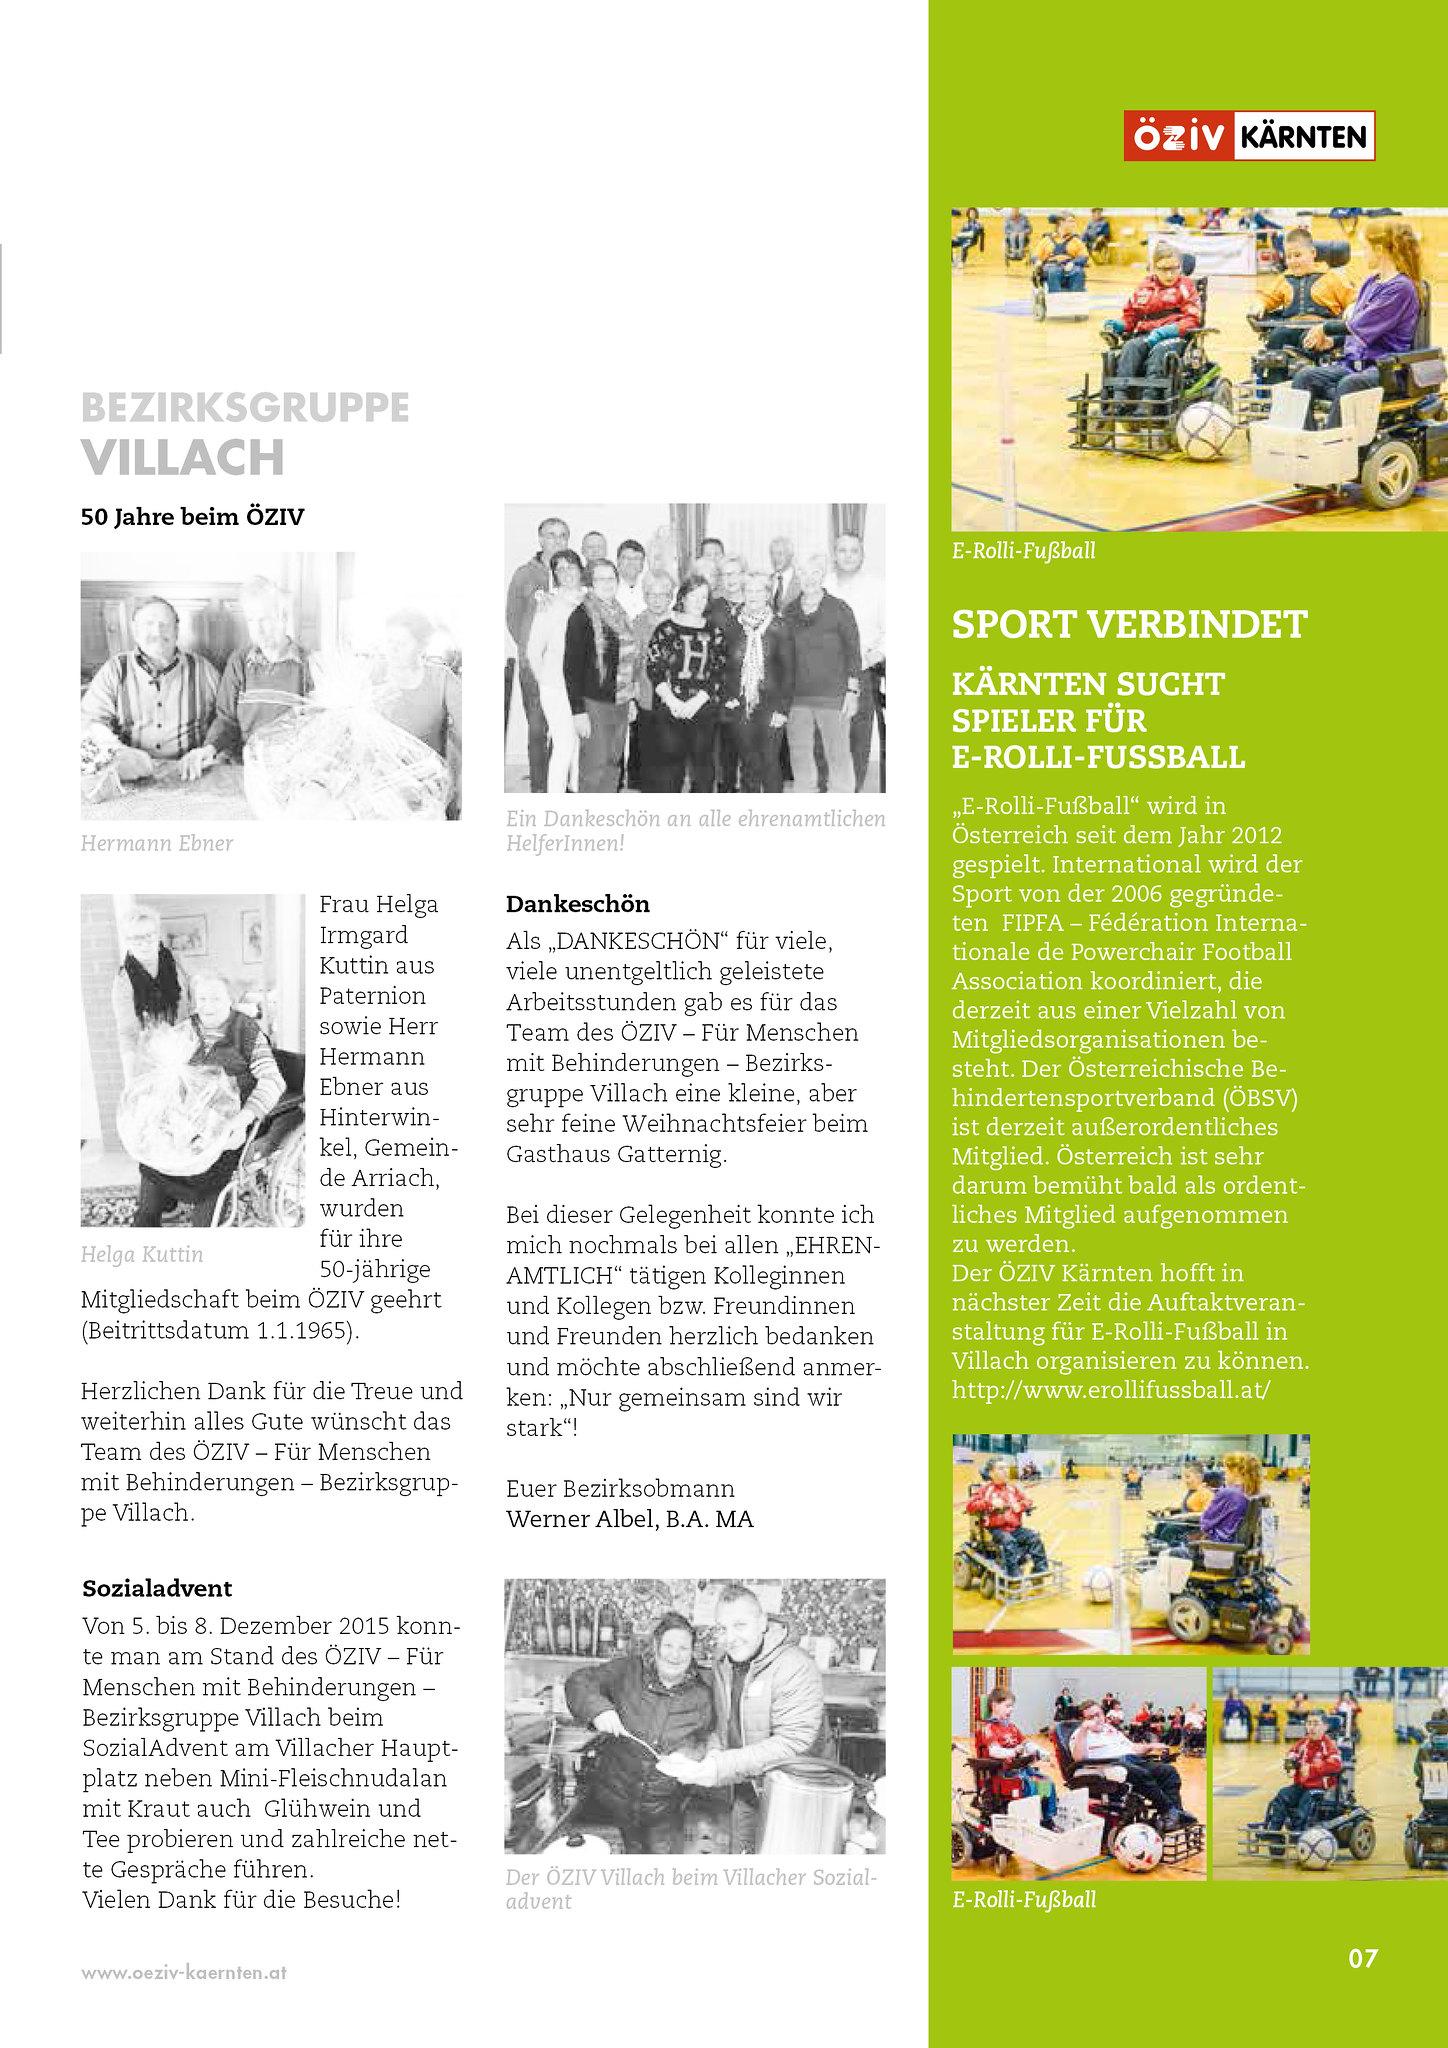 ÖZIV-Kärnten: Sport verbindet